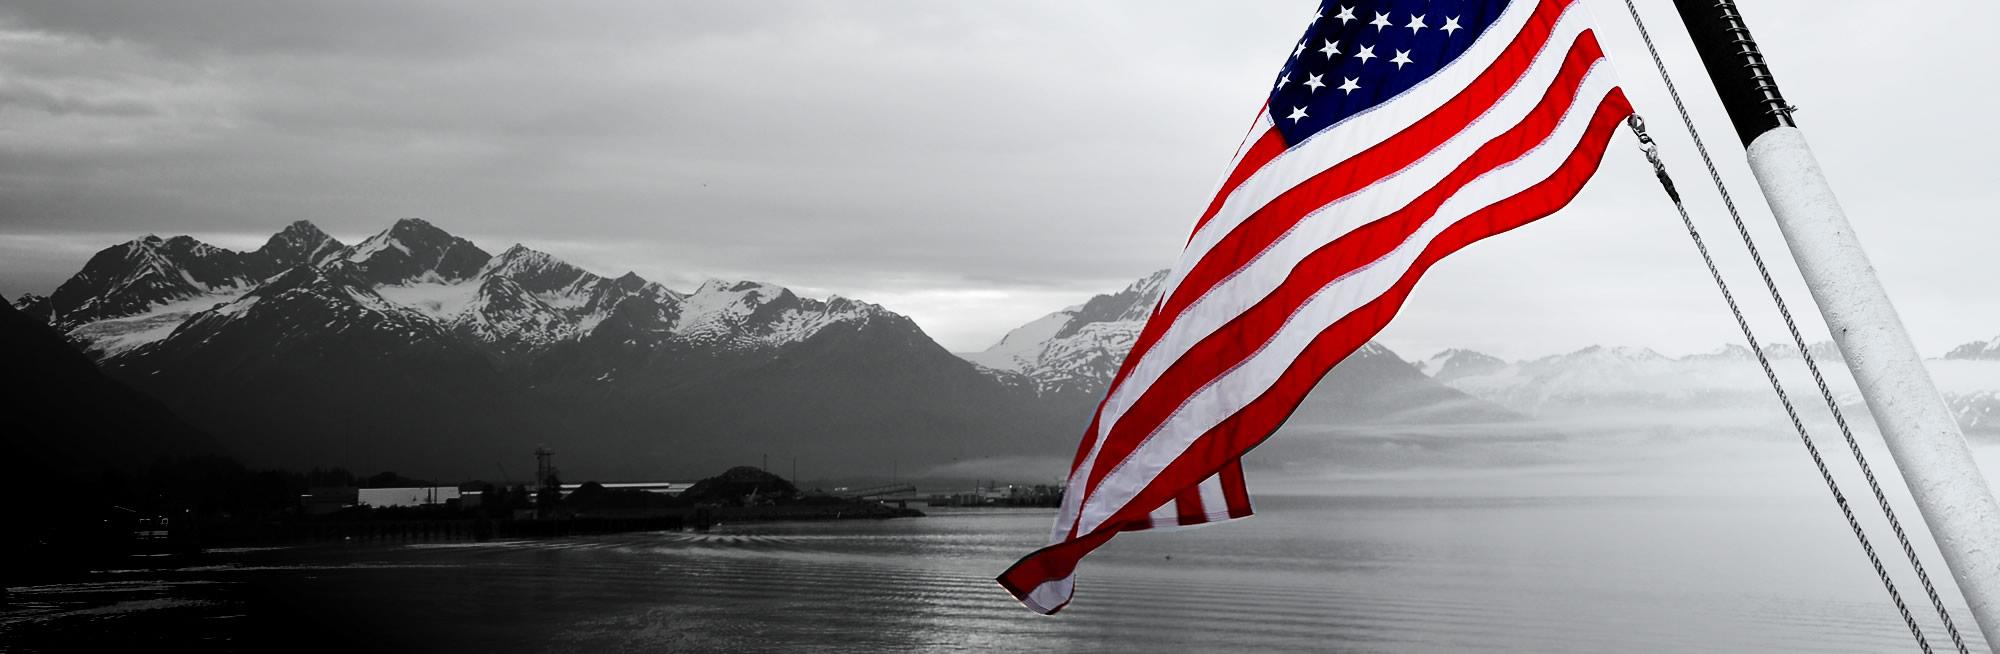 US flag over Alaska skyline and mountains